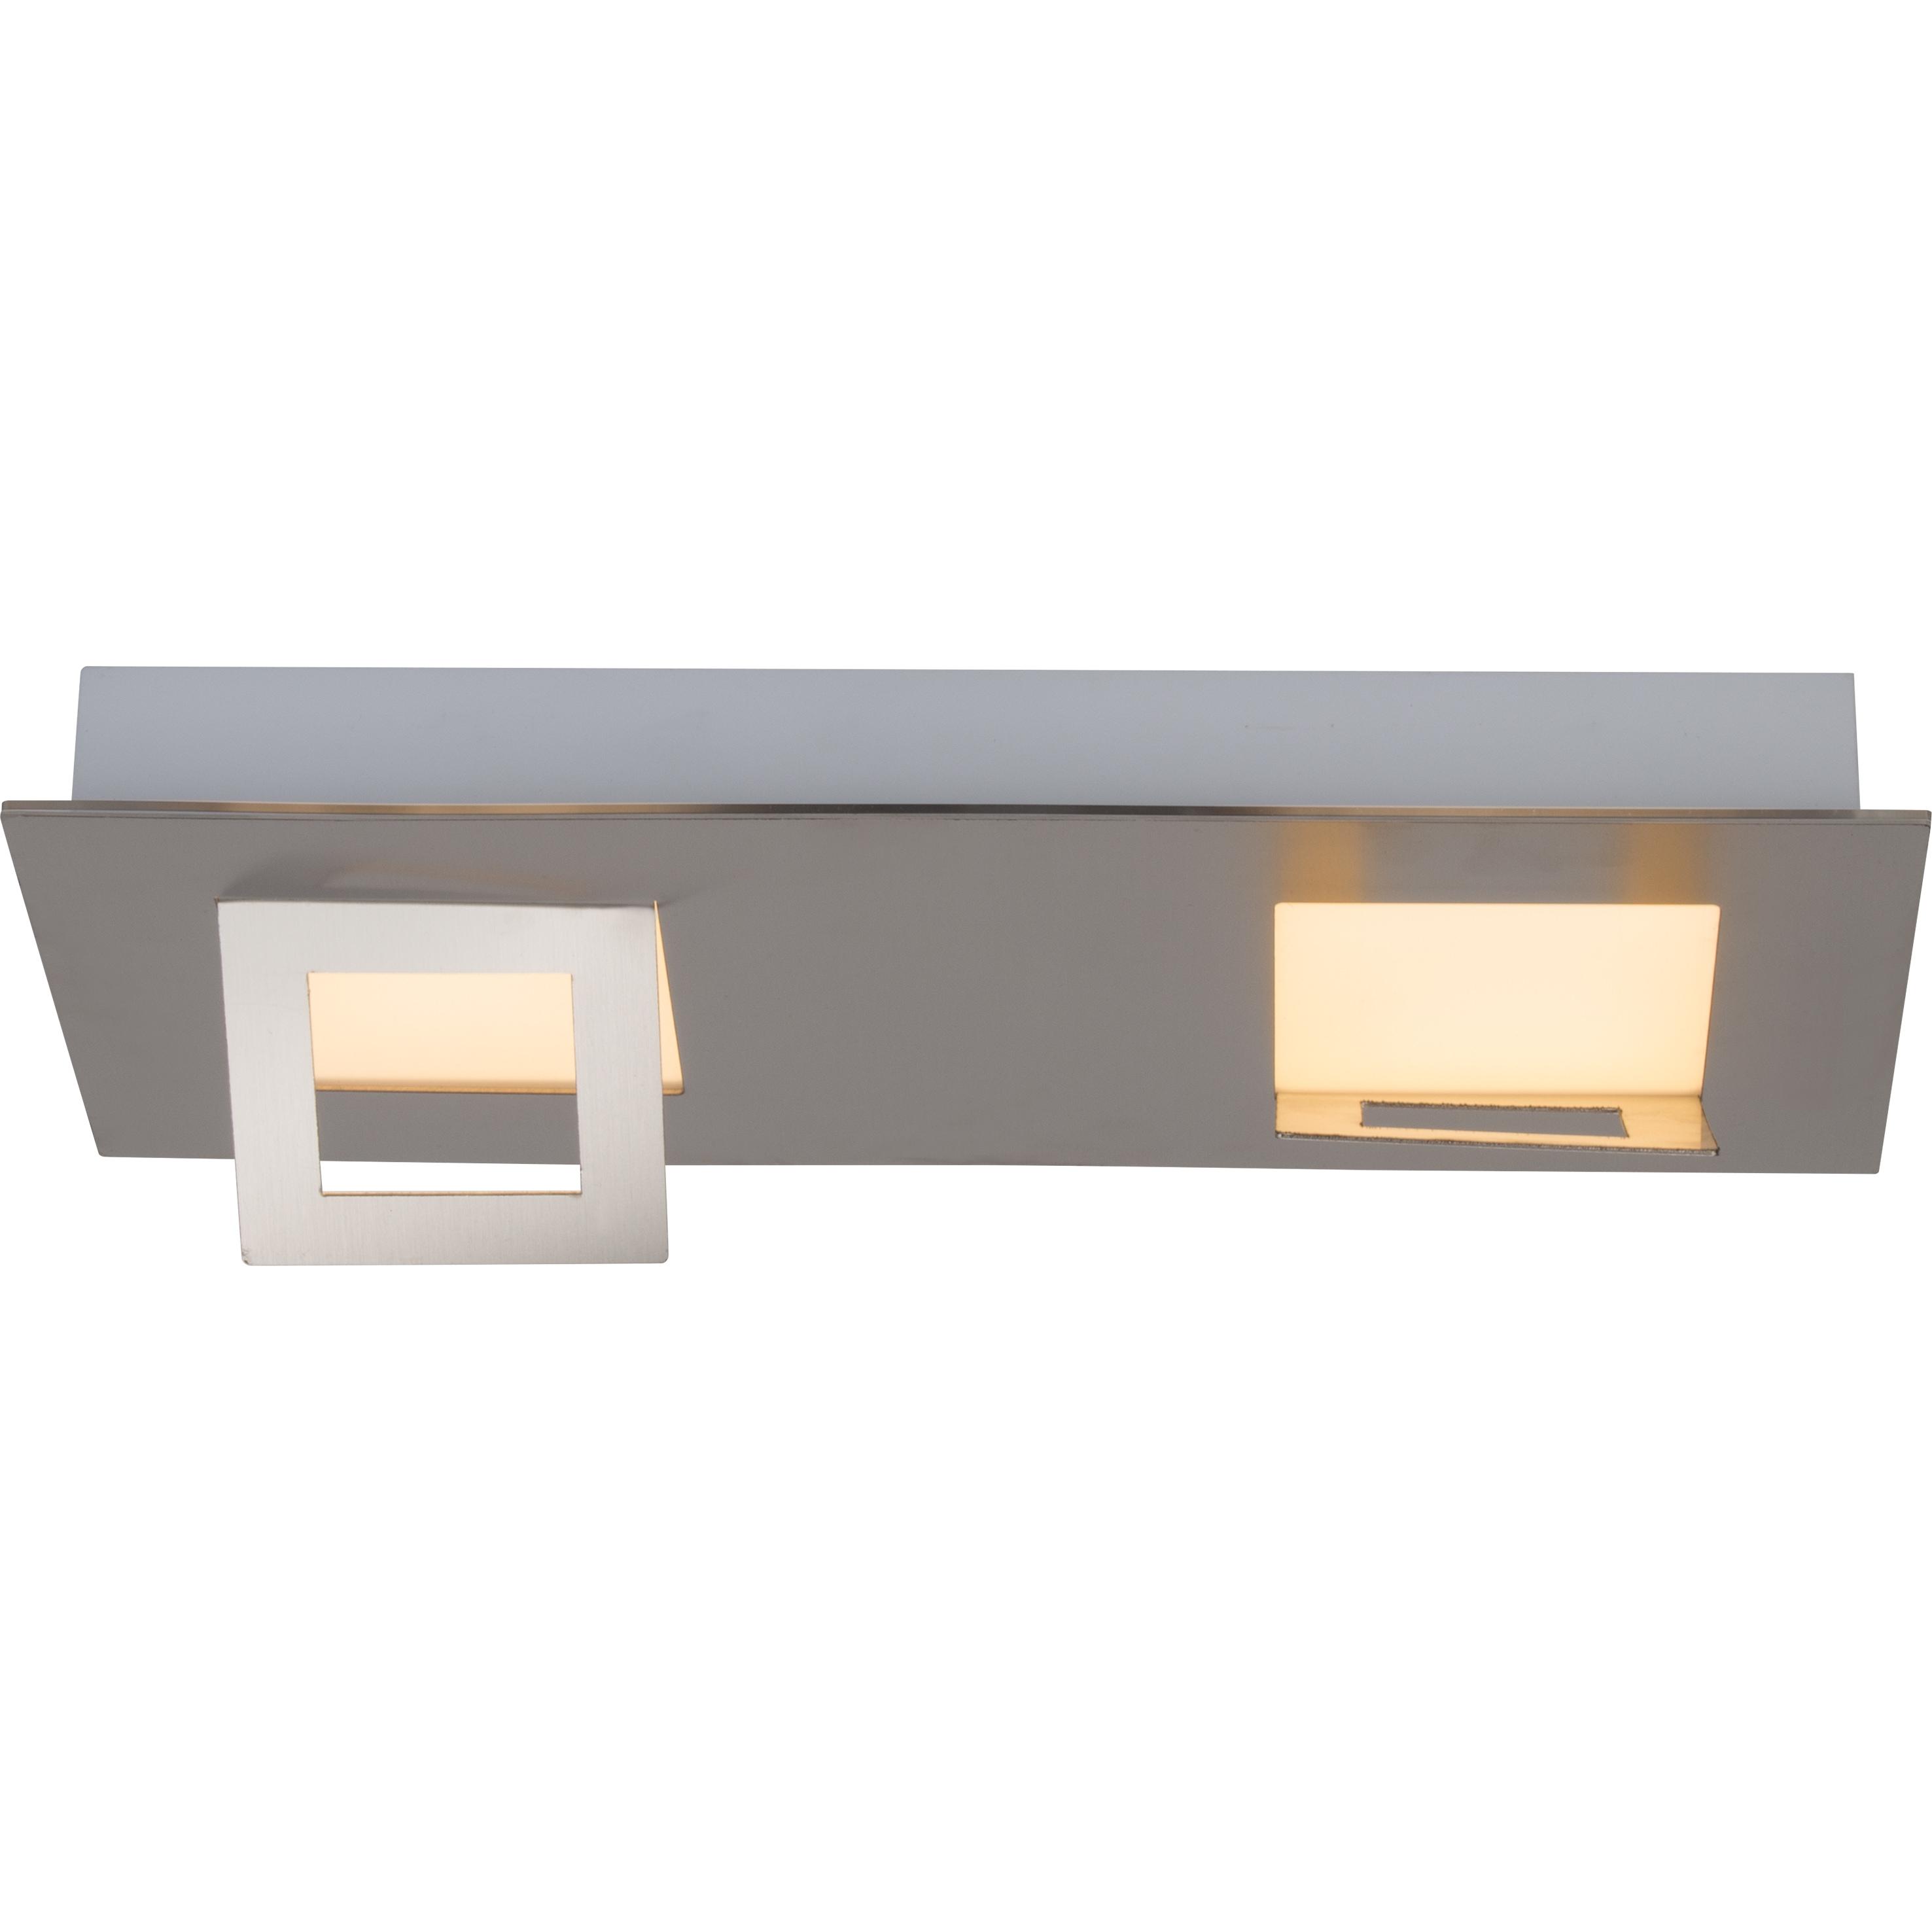 Brilliant Leuchten Doors LED Wand- und Deckenleuchte 2flg eisen